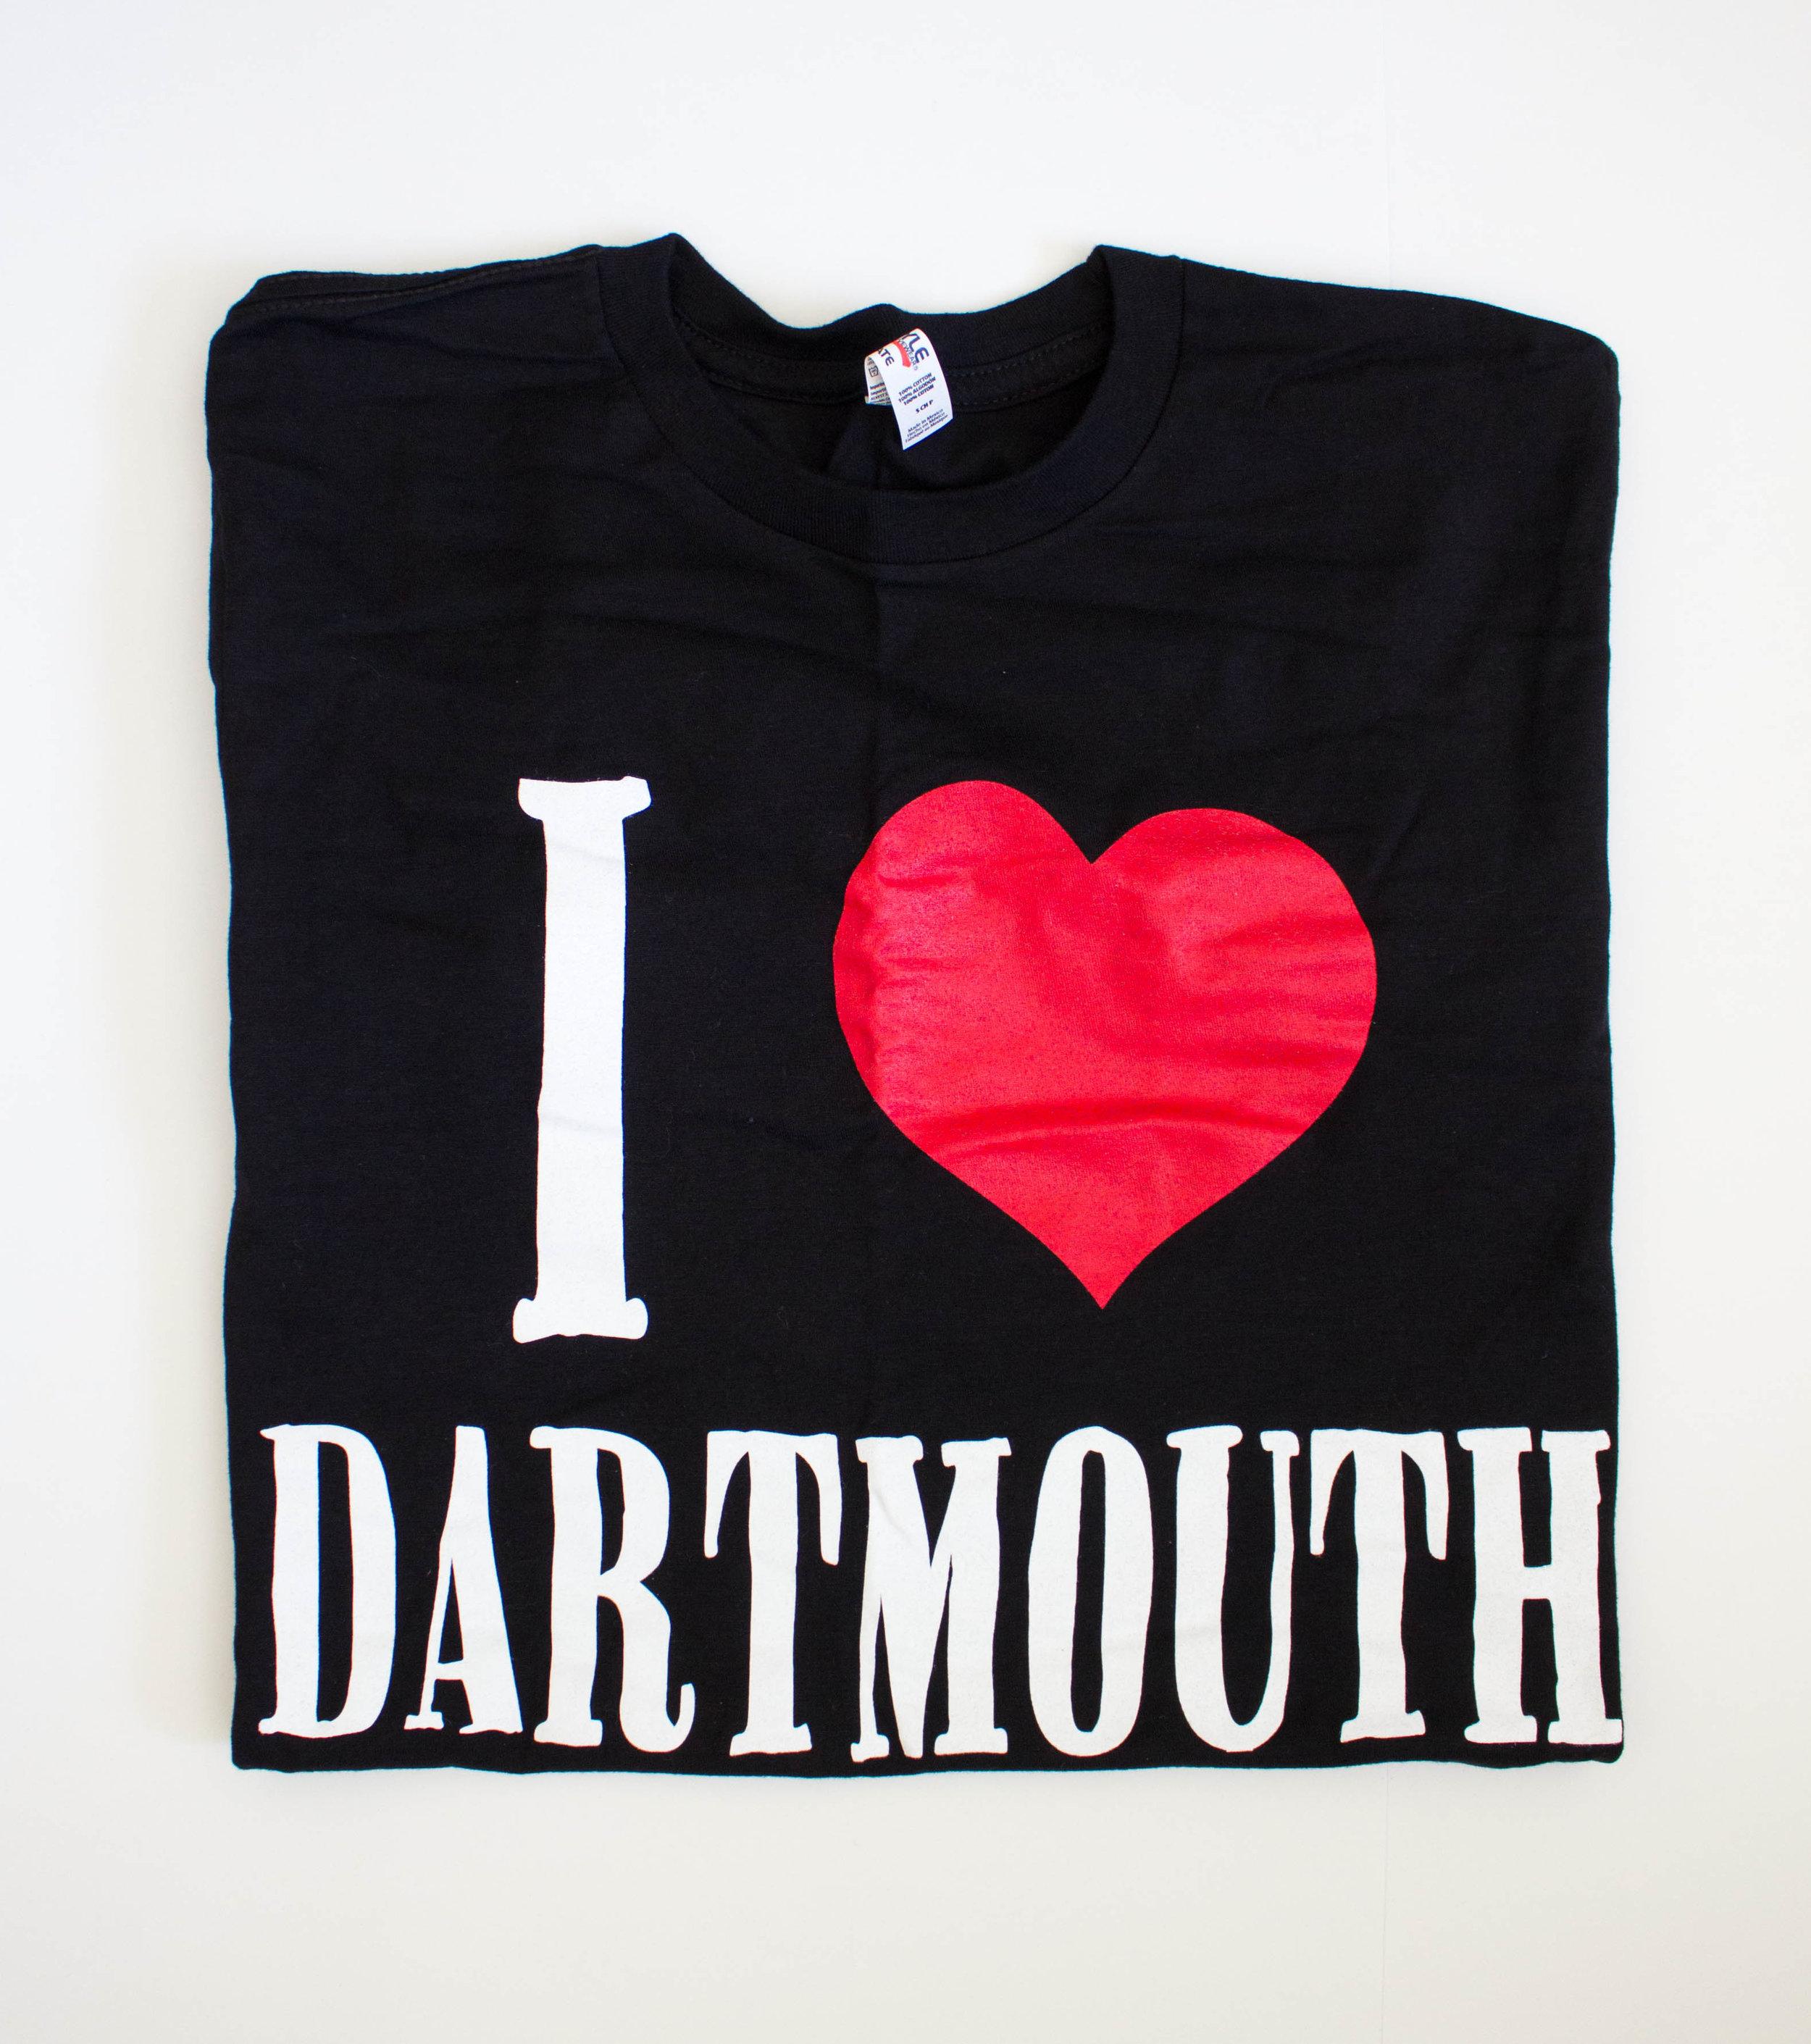 I HEART DARTMOUTH t's $20